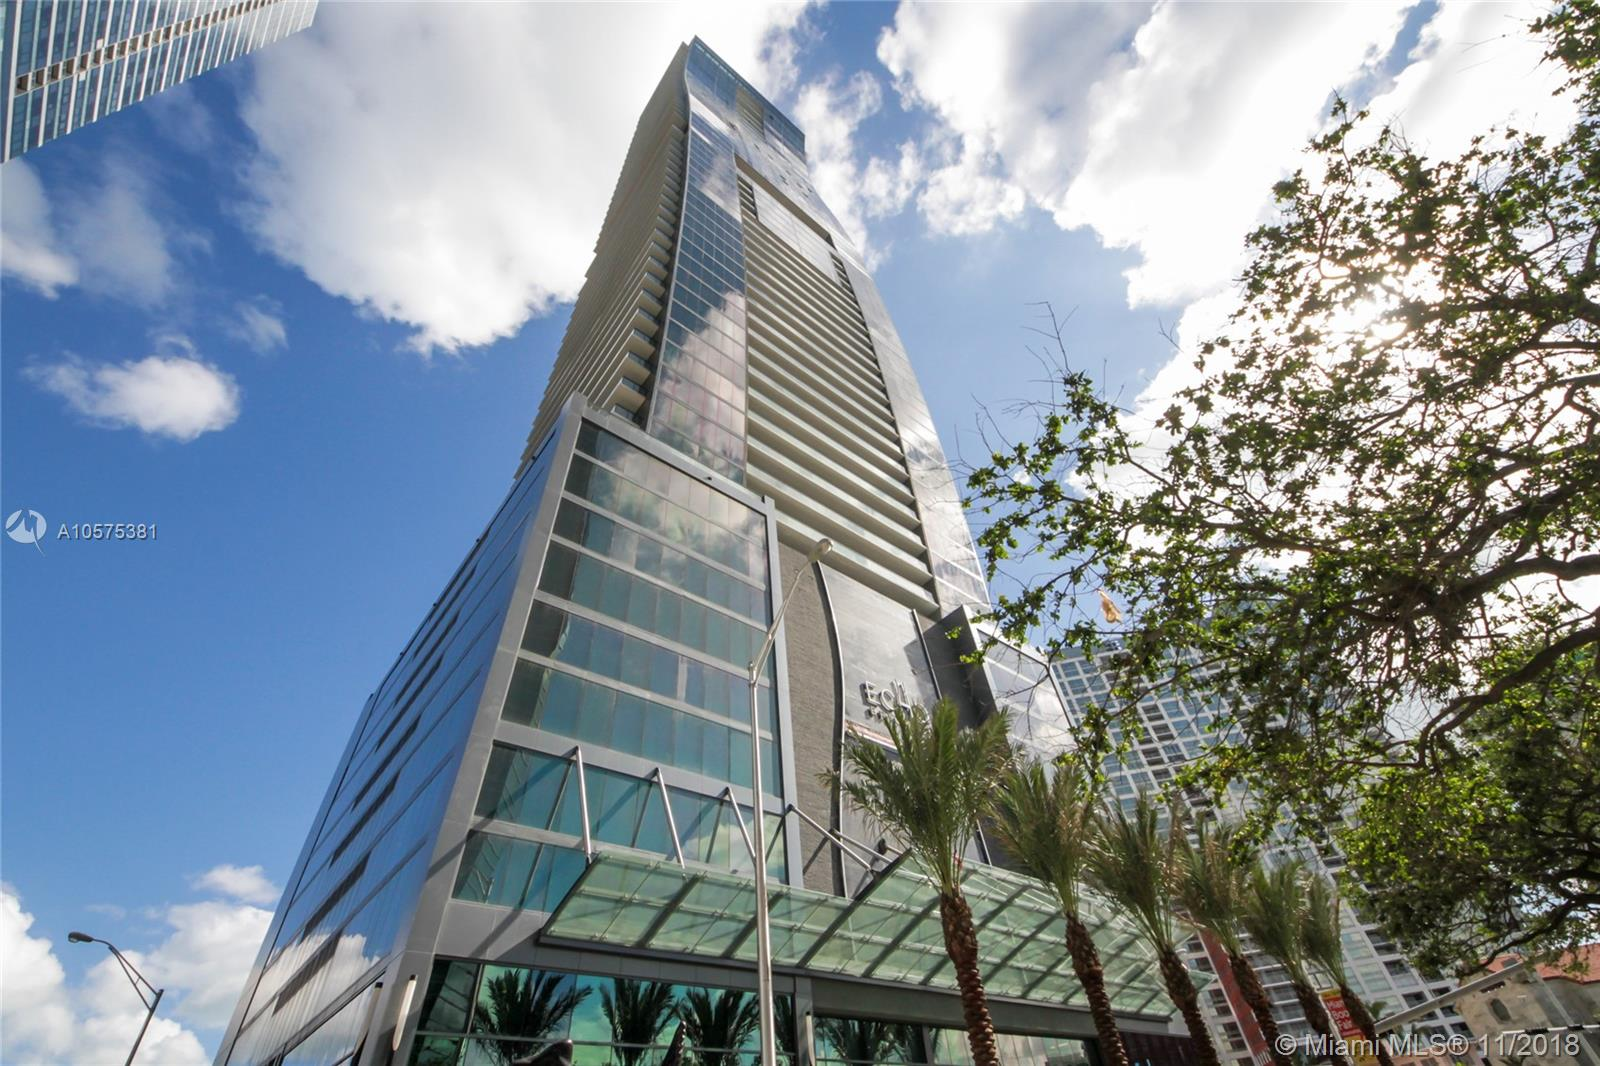 1451 Brickell Avenue, Miami, FL 33131, Echo Brickell #1403, Brickell, Miami A10575381 image #33